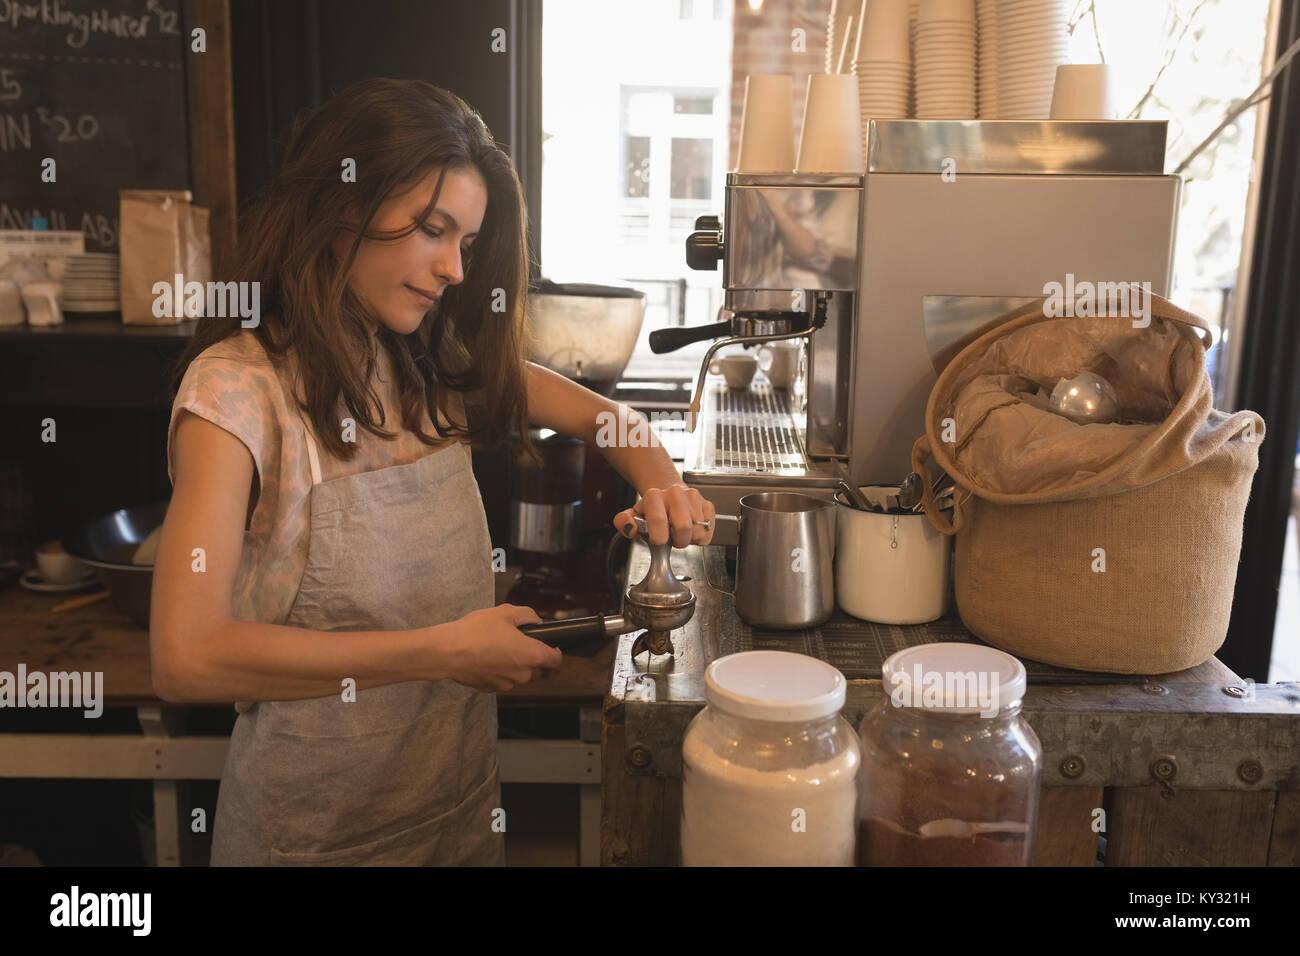 À l'aide d'un Barista café presse de sabotage dans un portafilter Photo Stock